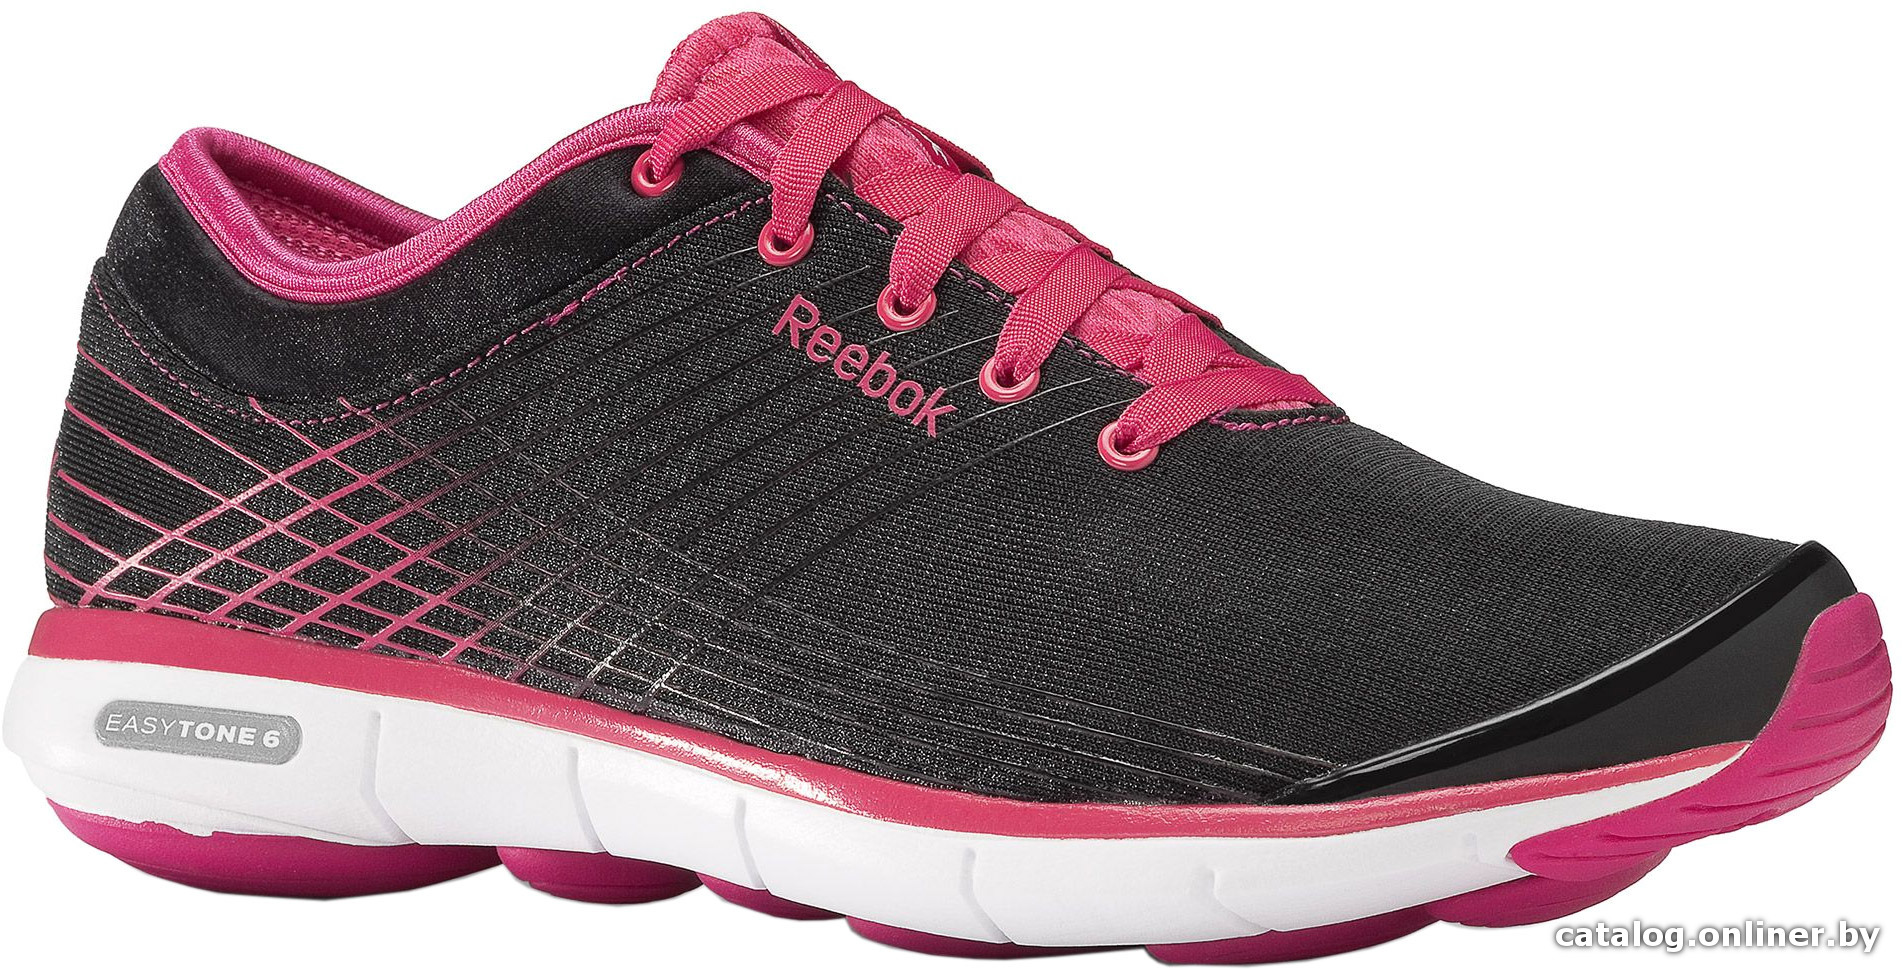 455c8a16 Reebok Easytone 6 Love черный-розовый (M45469) кроссовки купить в Минске